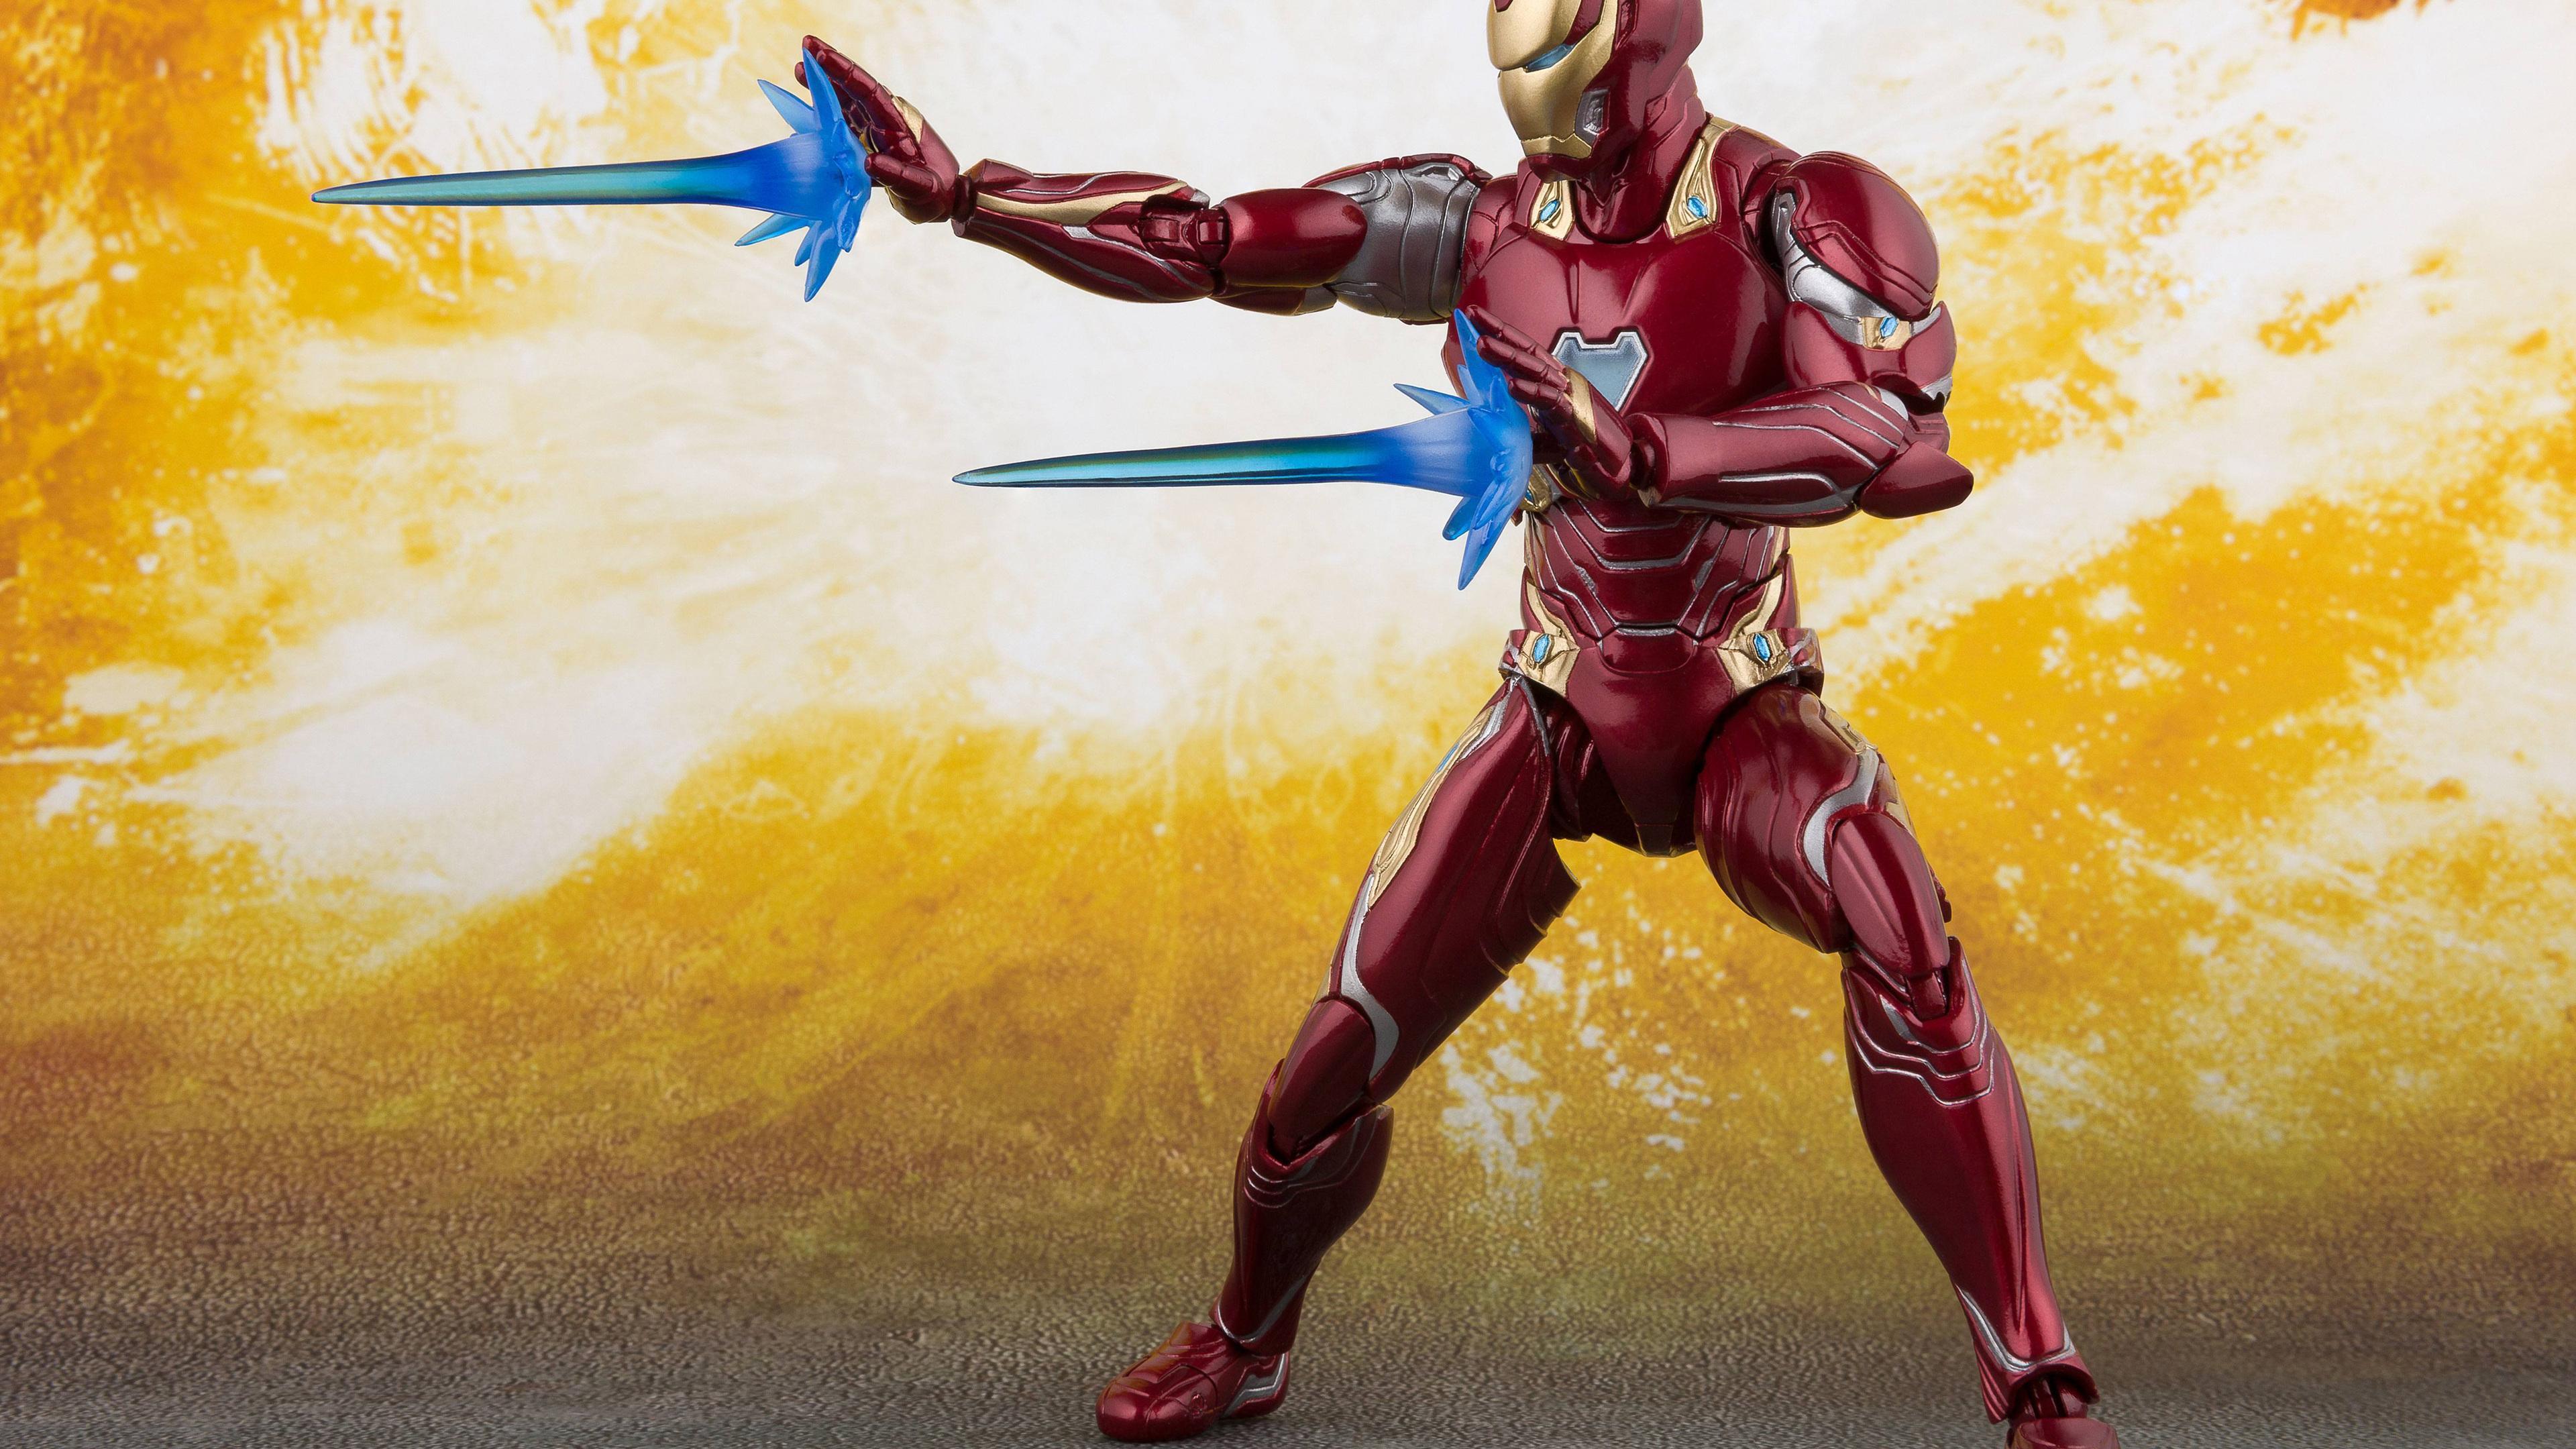 iron-man-action-figure-5k-ml.jpg